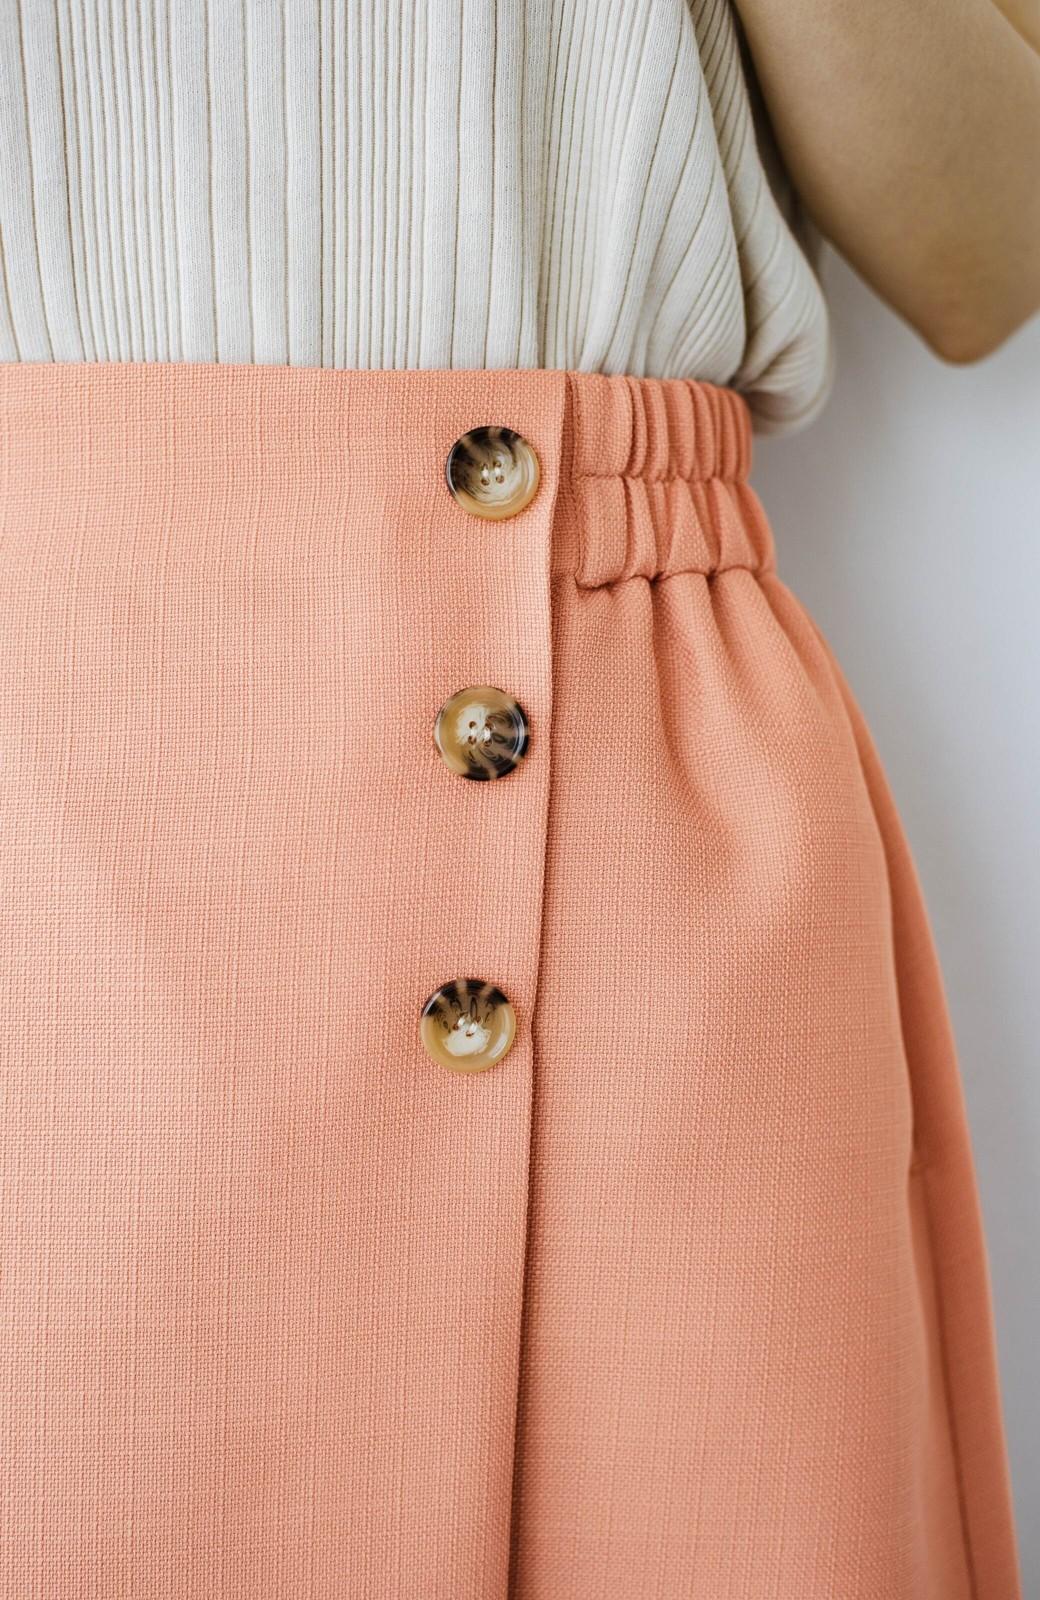 haco! これさえあればきれいなお姉さんになれそうな気がする 麻調素材のきれいめラップスカート <オレンジ>の商品写真10